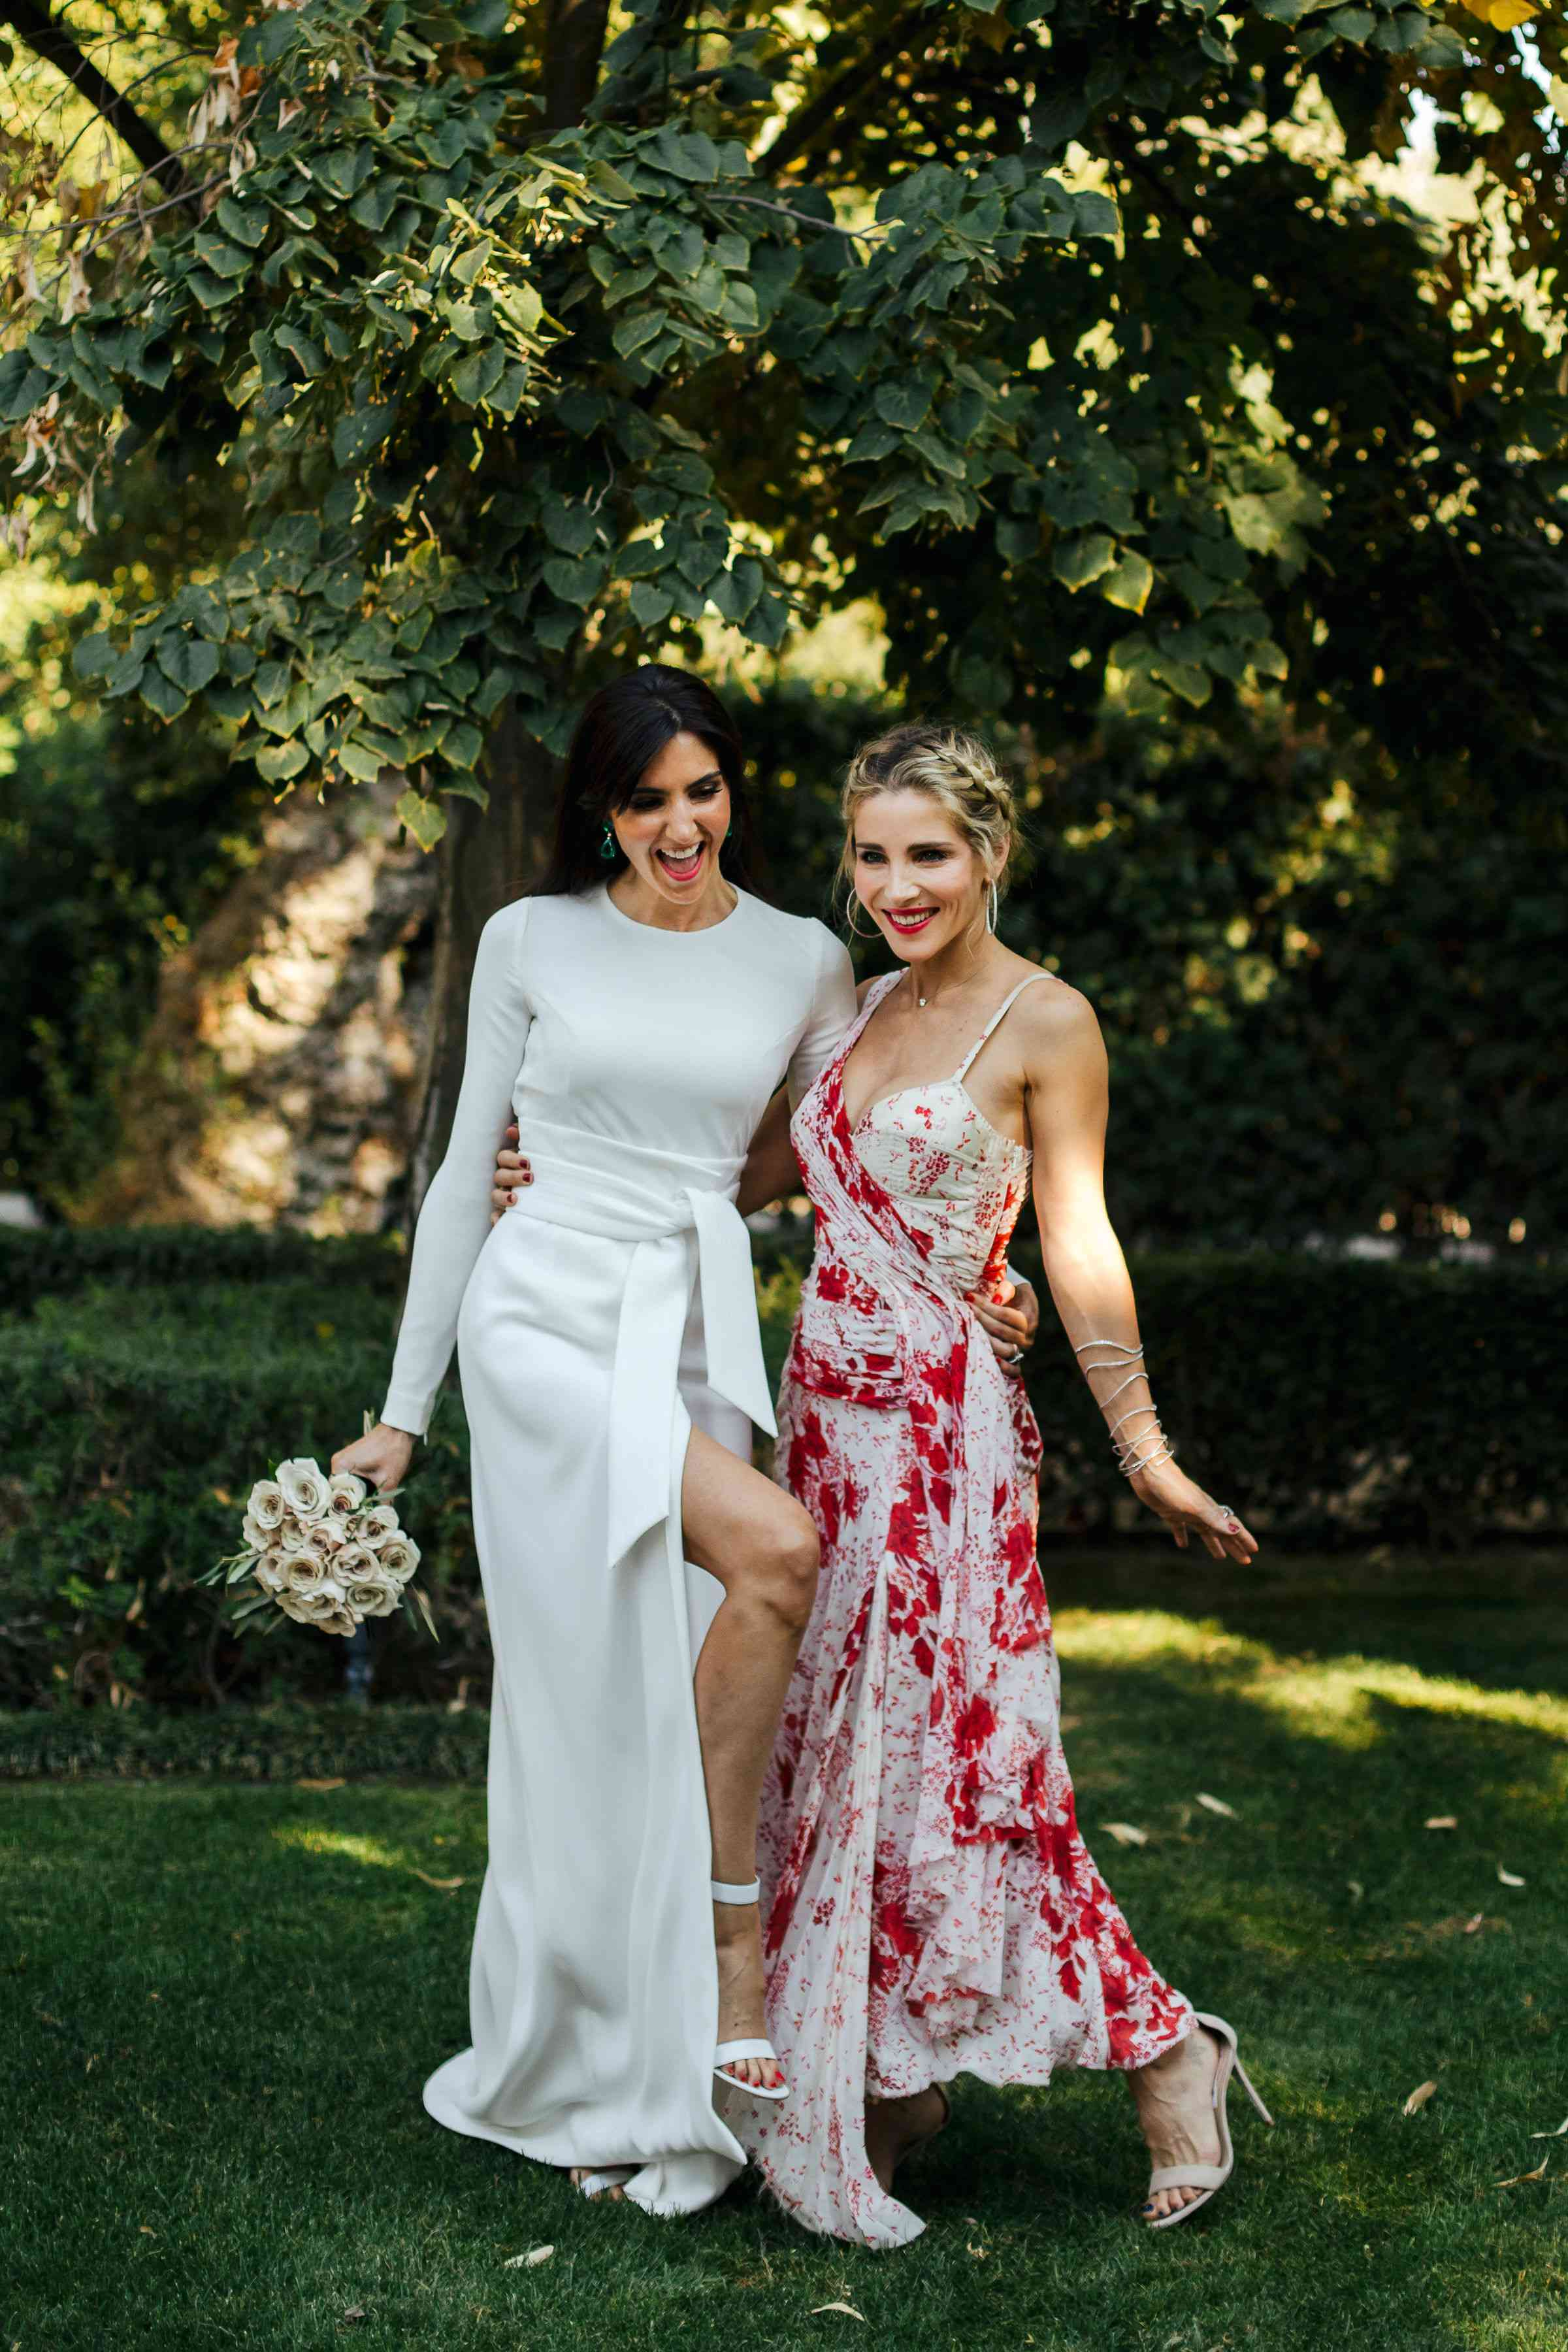 bride with bridesmaid